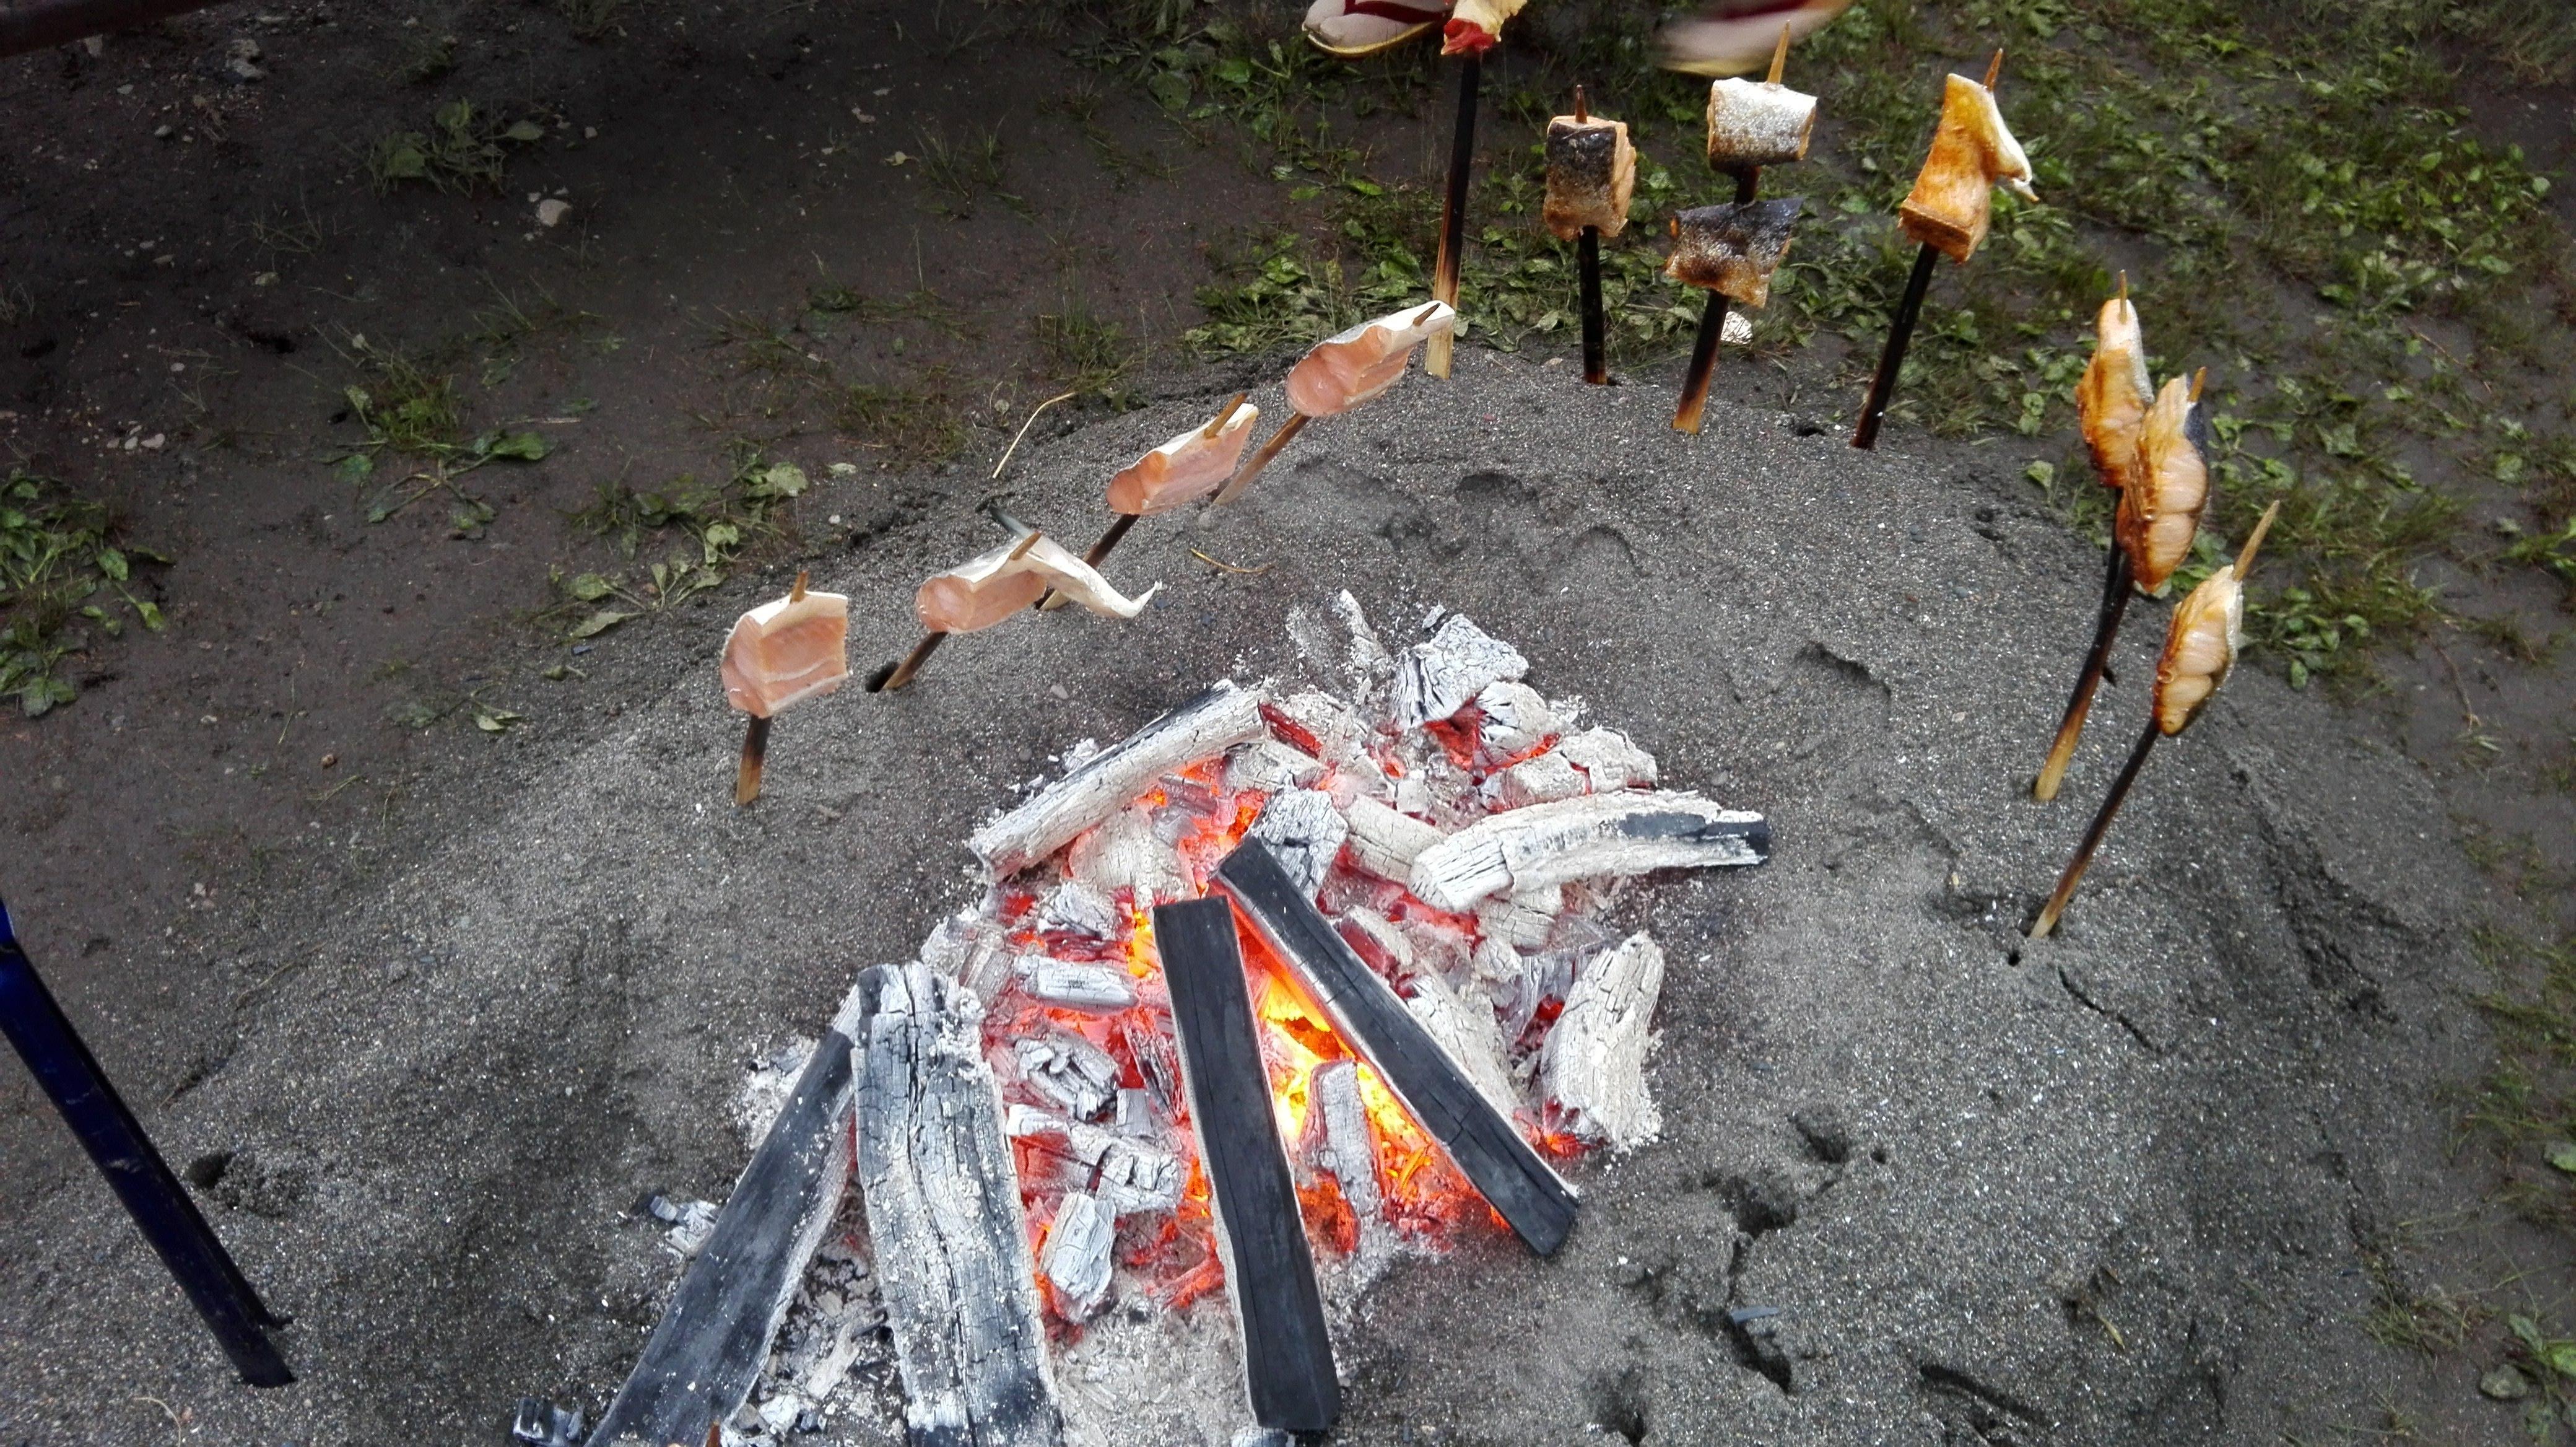 魚は串に刺し砂の囲炉裏で焼いていました